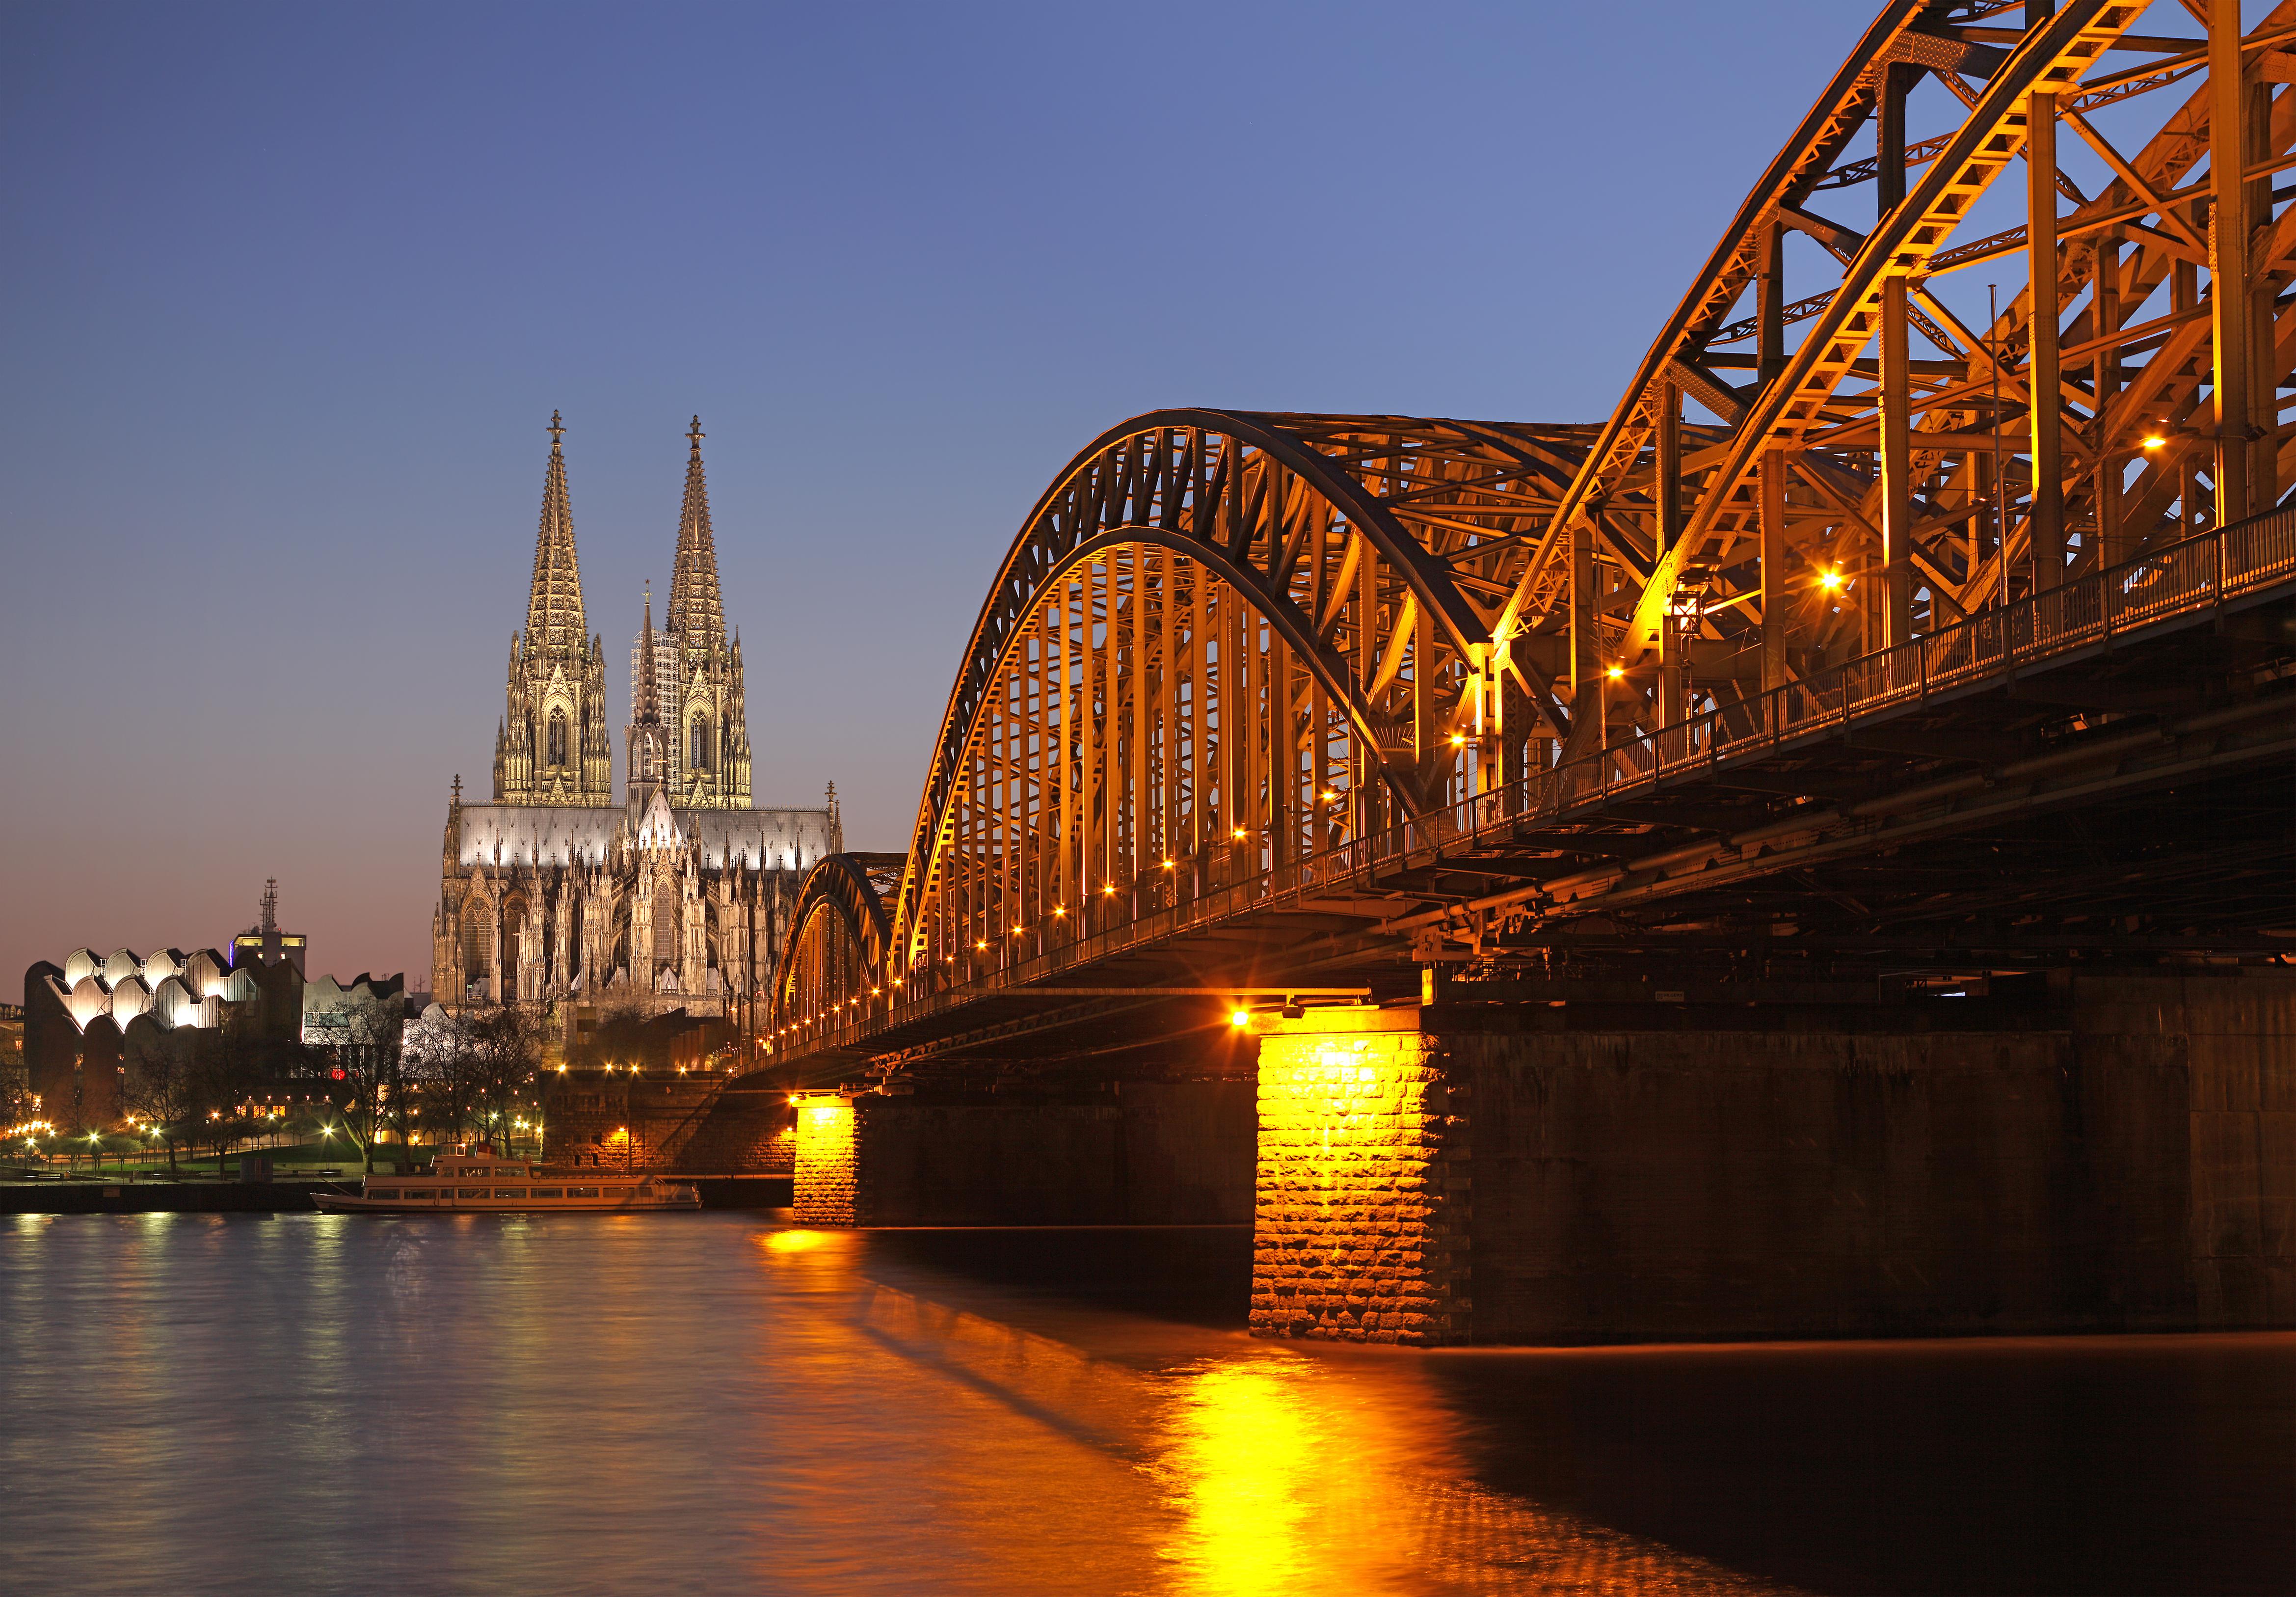 Der Kölner Dom und die Hohenzollernbrücke